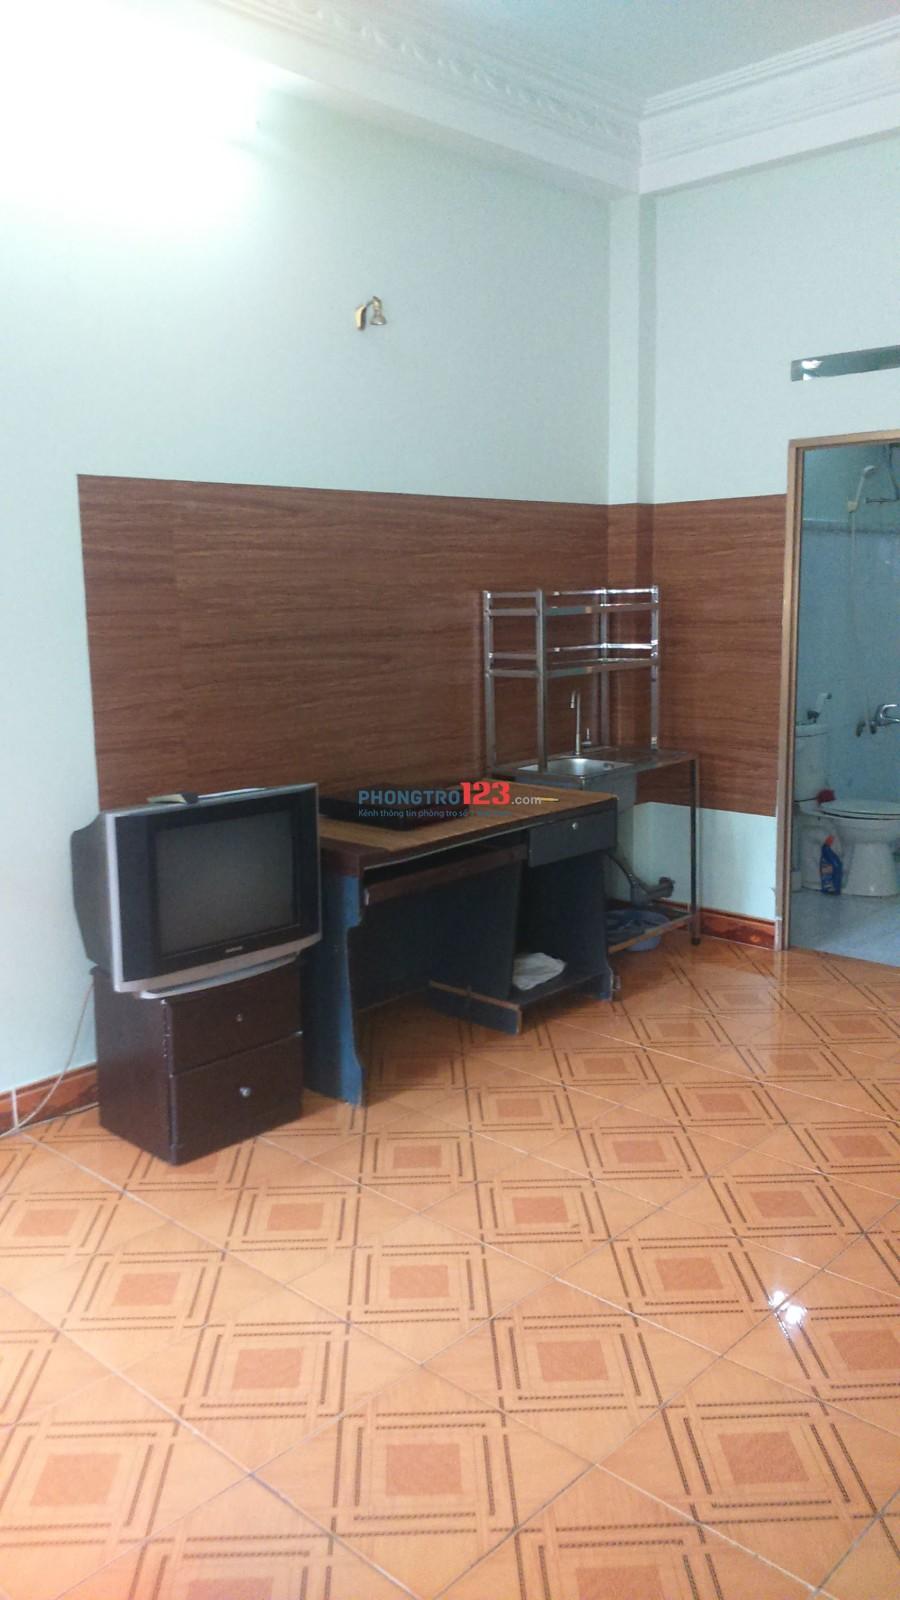 Phòng cho thuê Ưu tiên nhân viên văn phòng làm tại Etown, Quận Tân Bình